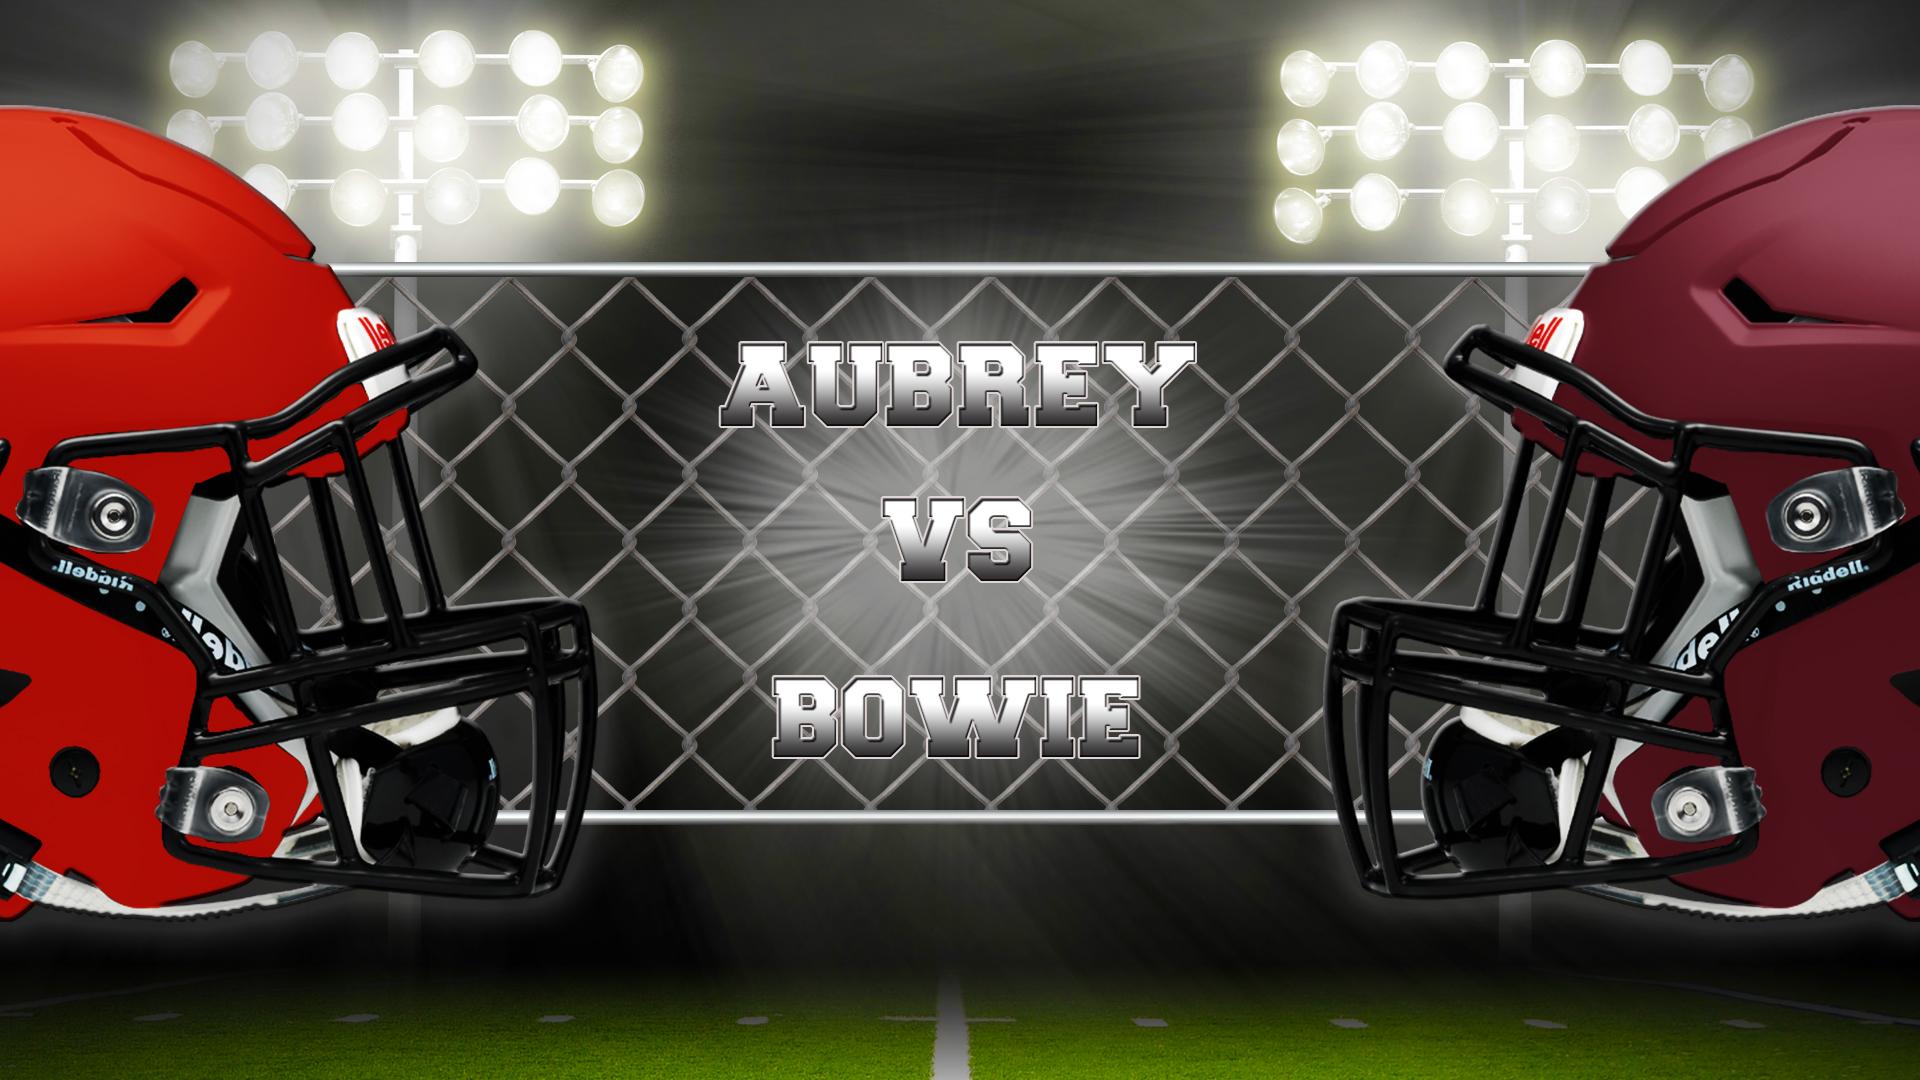 Aubrey vs Bowie_1472225143057.jpg